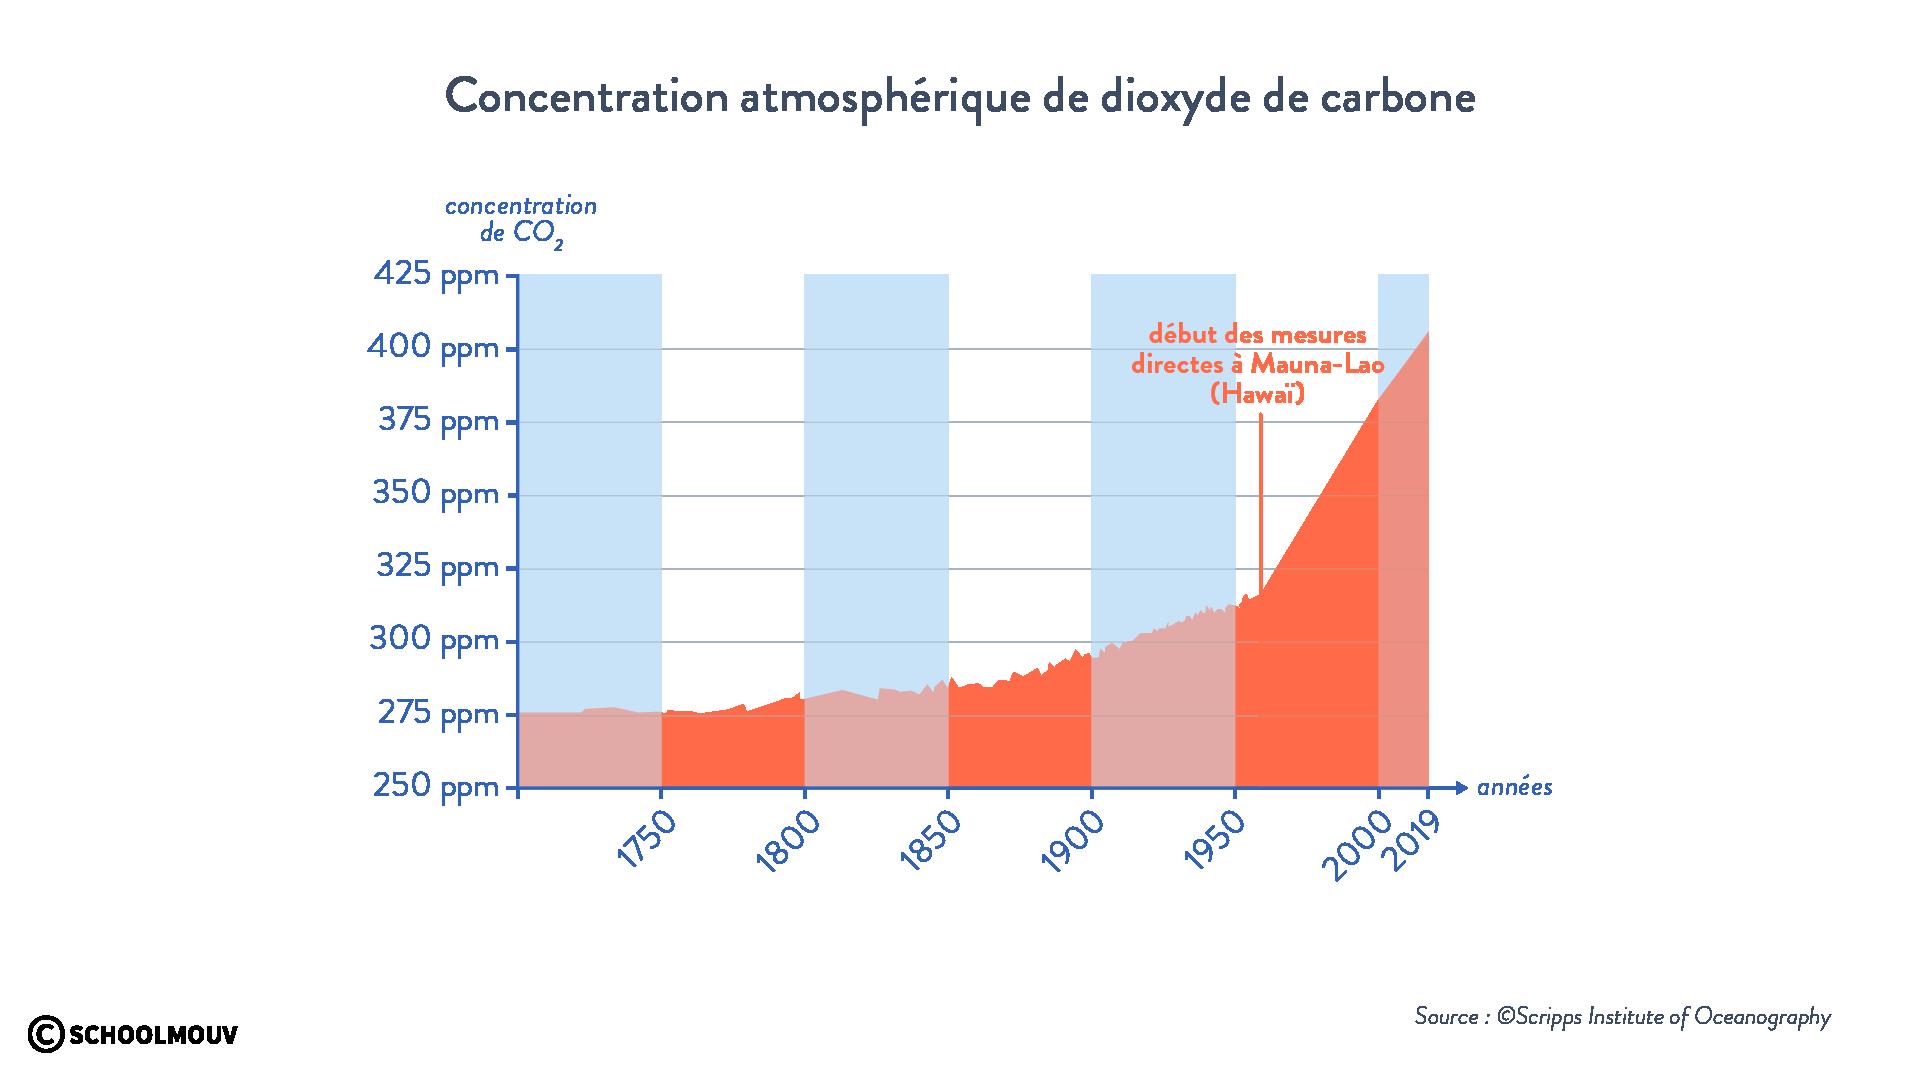 Concentration de dioxyde de carbone atmosphère